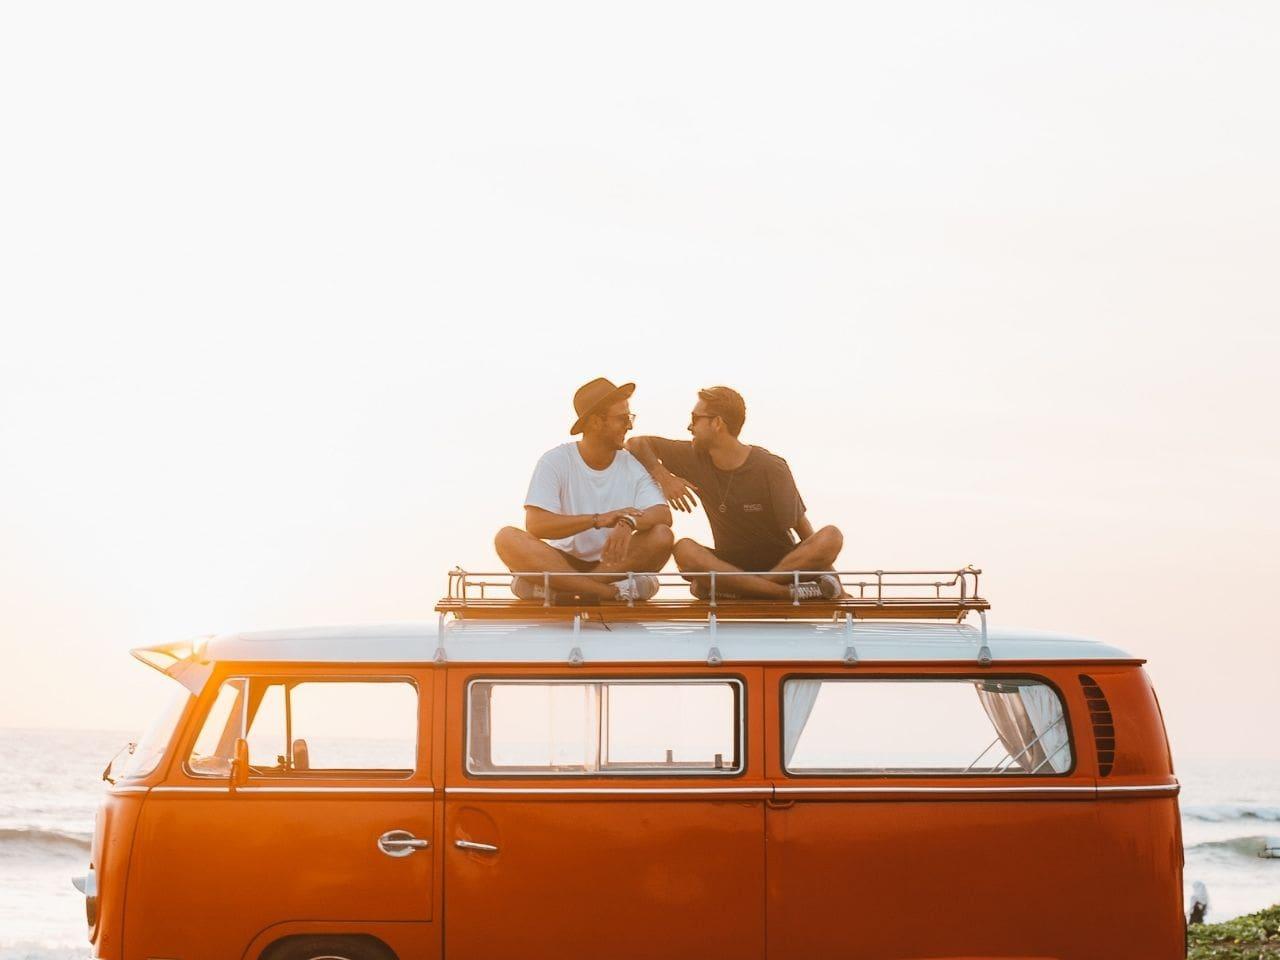 車の上で話し合う二人の男性